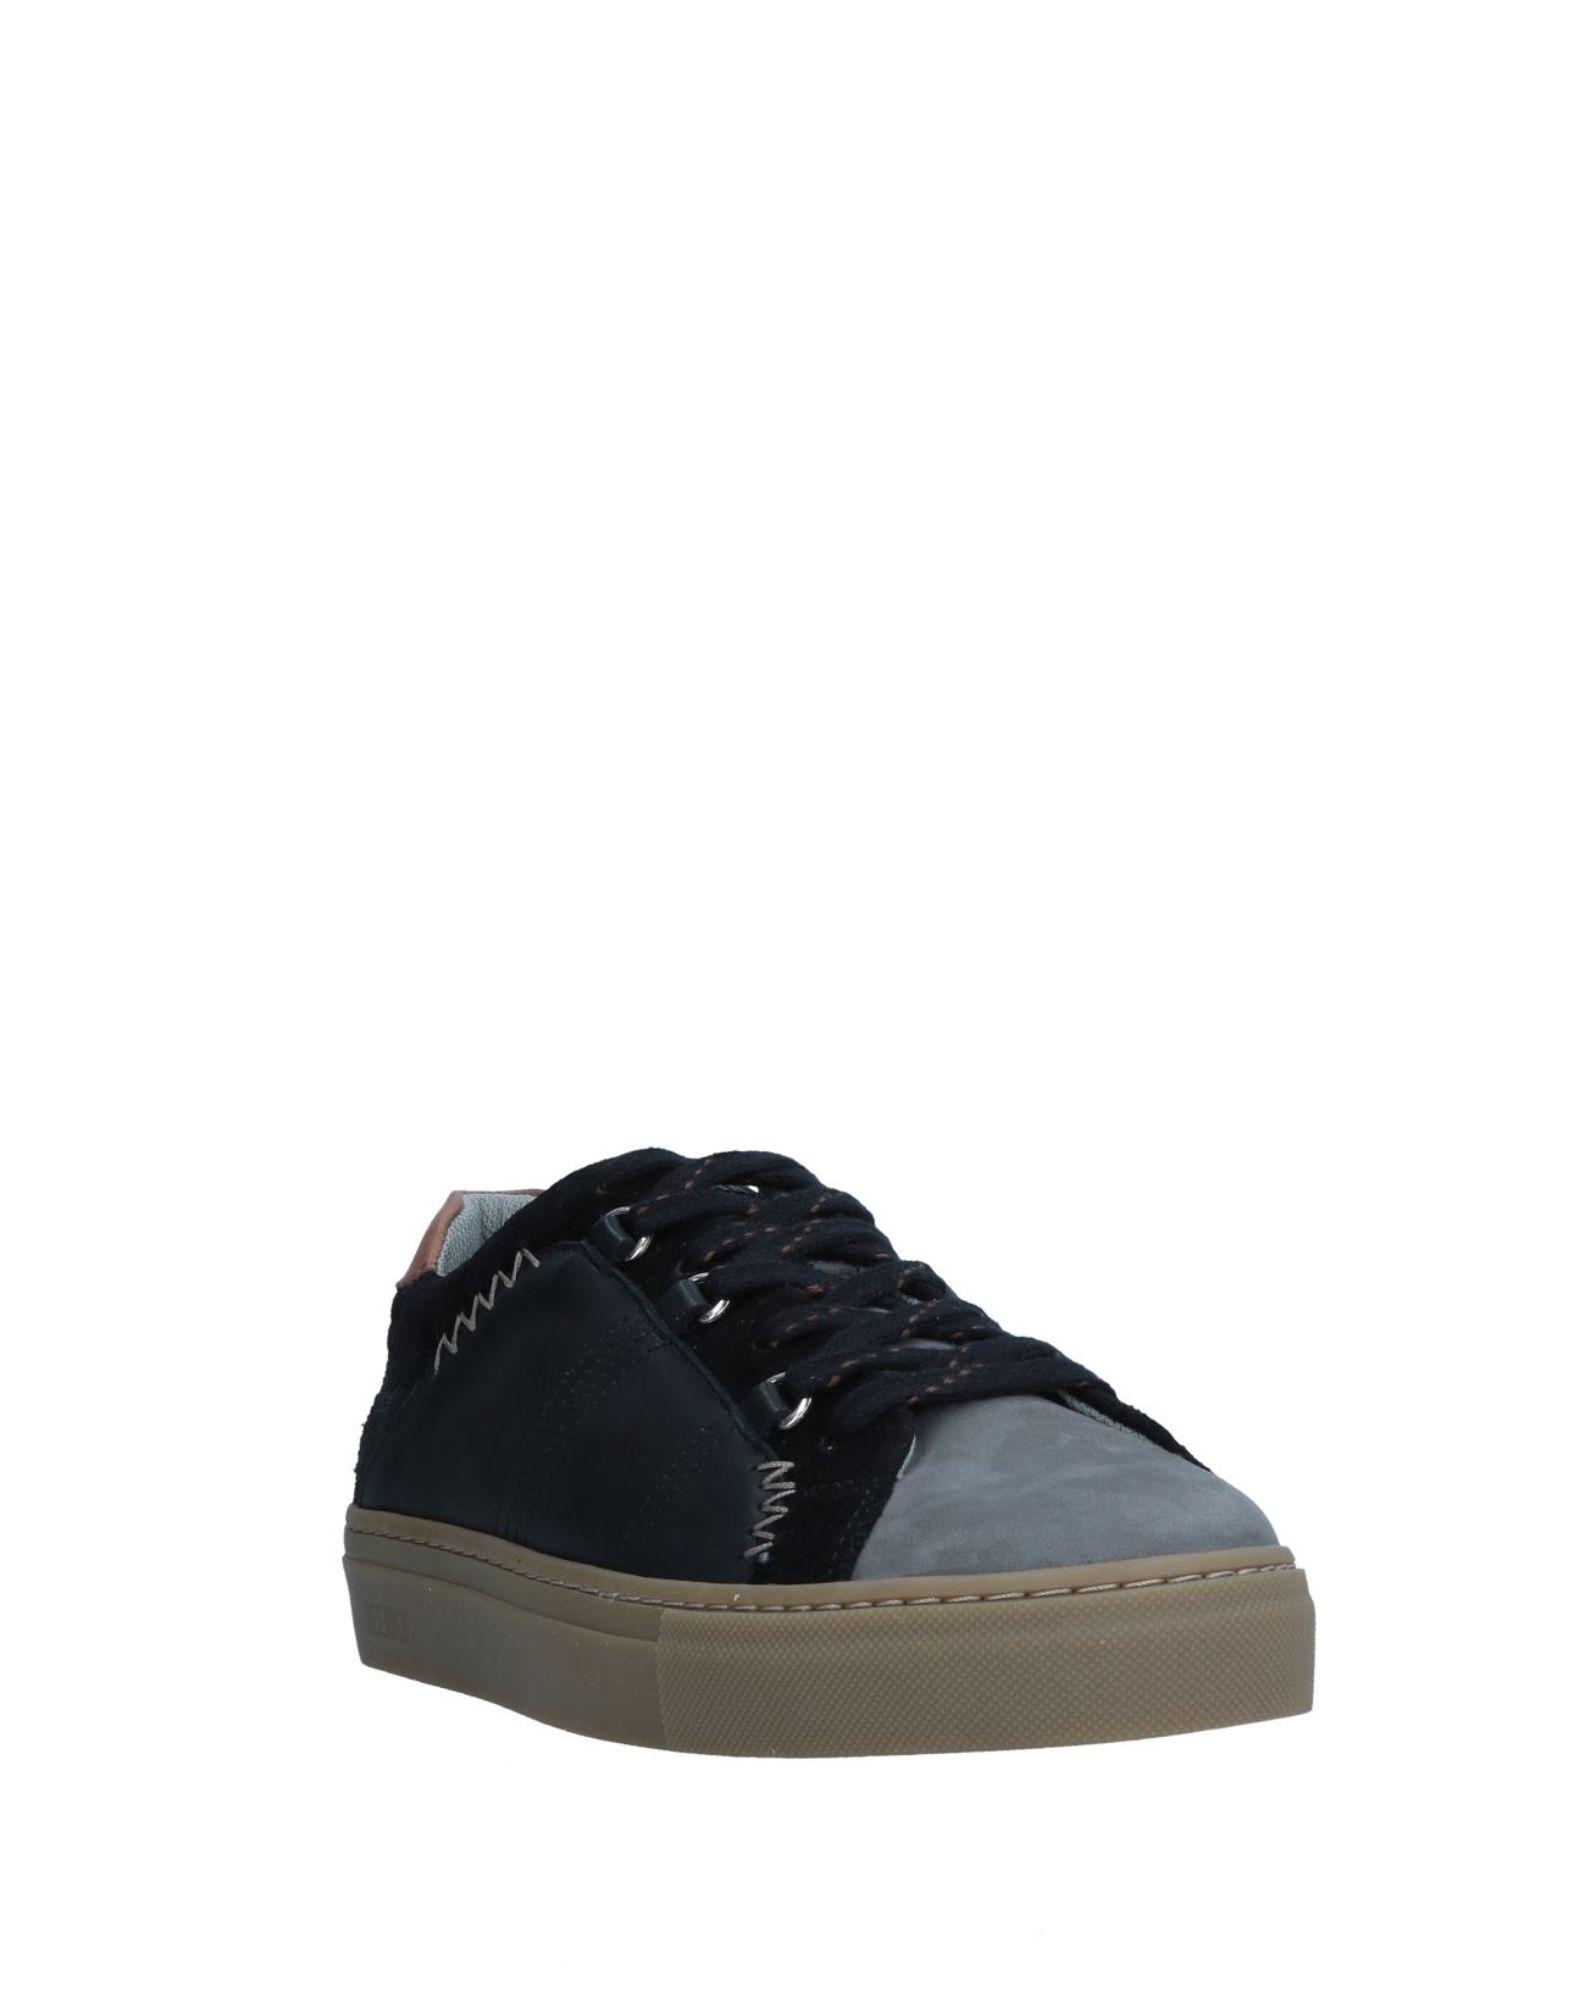 Rabatt 11546492IC echte Schuhe Colmar Sneakers Herren  11546492IC Rabatt c7c771